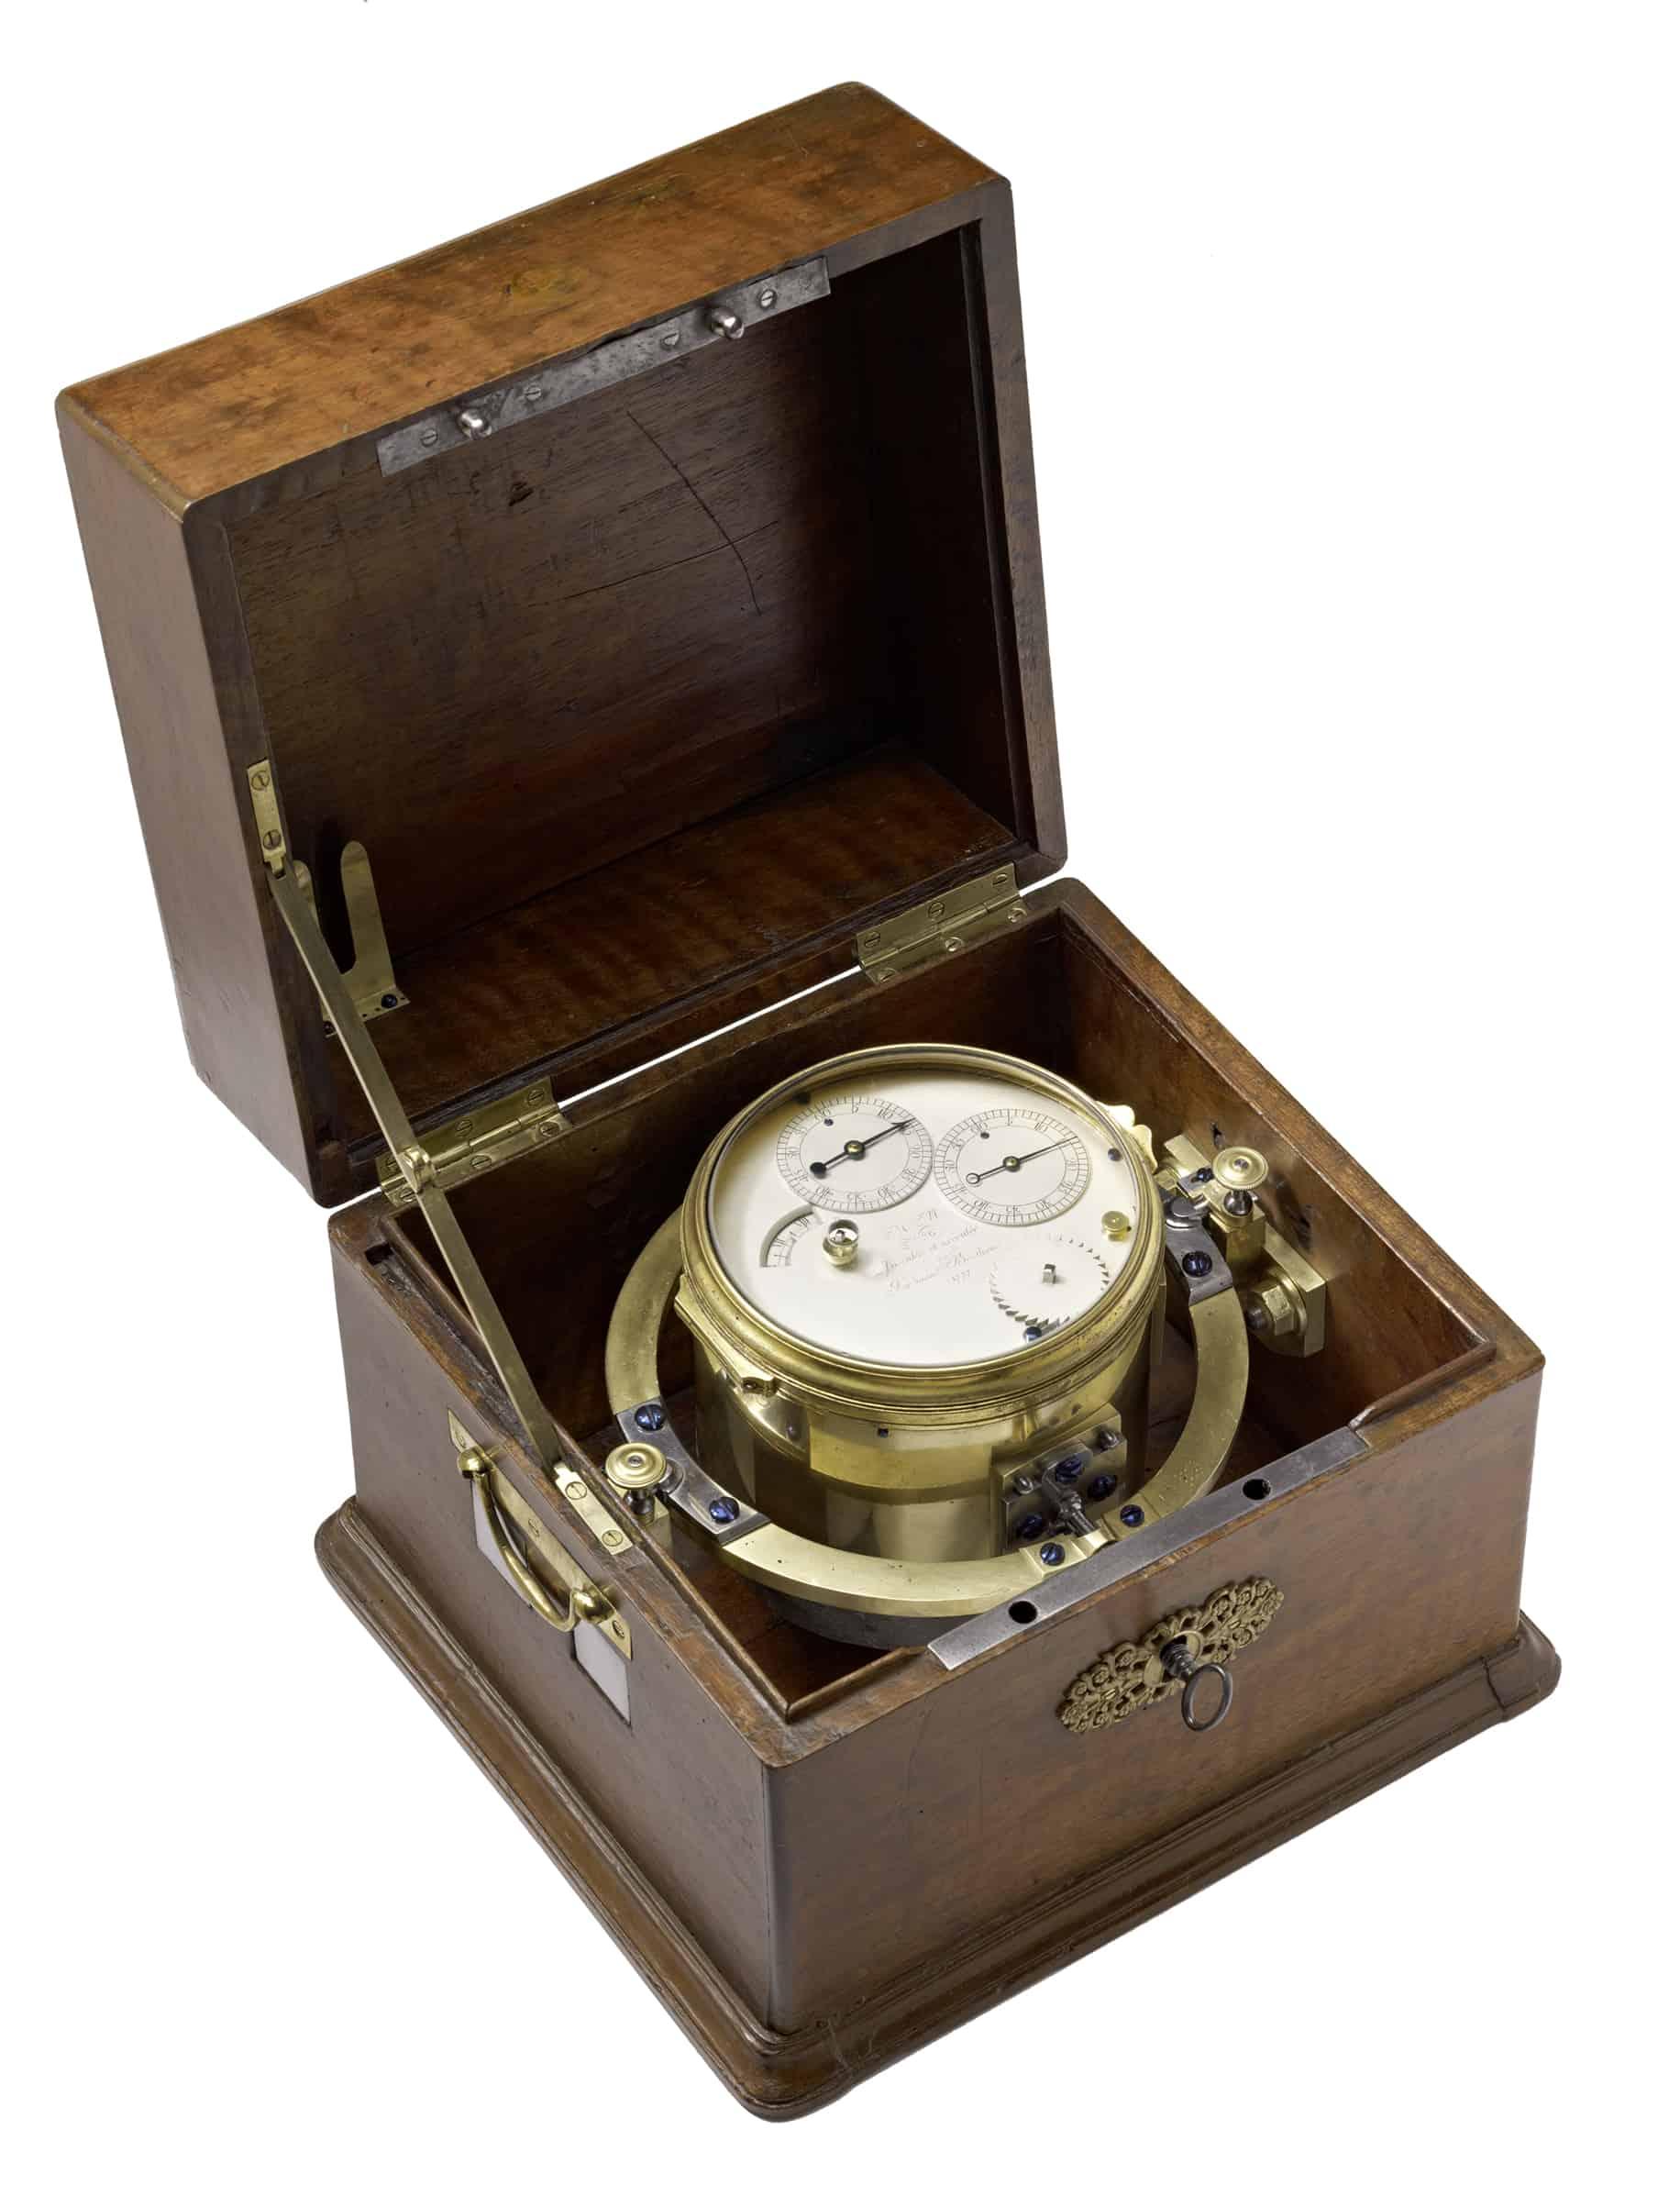 Marinechronometer Ferdinand Berthoud 1777